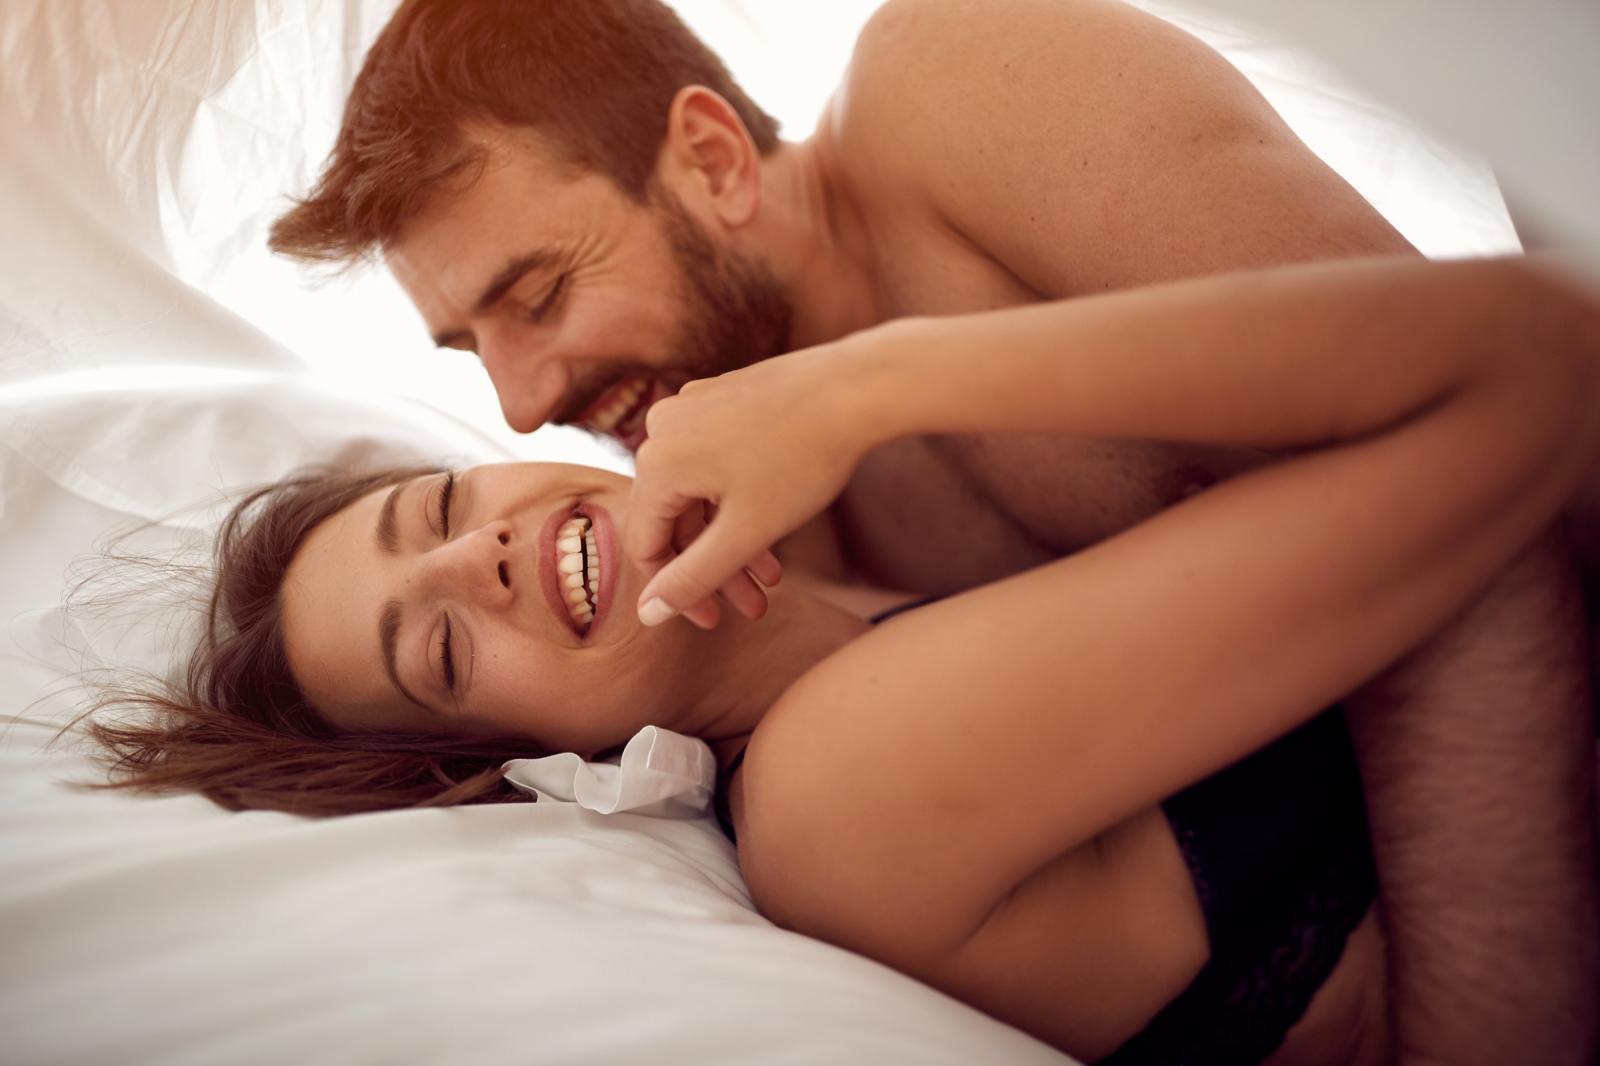 pénisz a szexboltból hím erogén pontok a péniszen